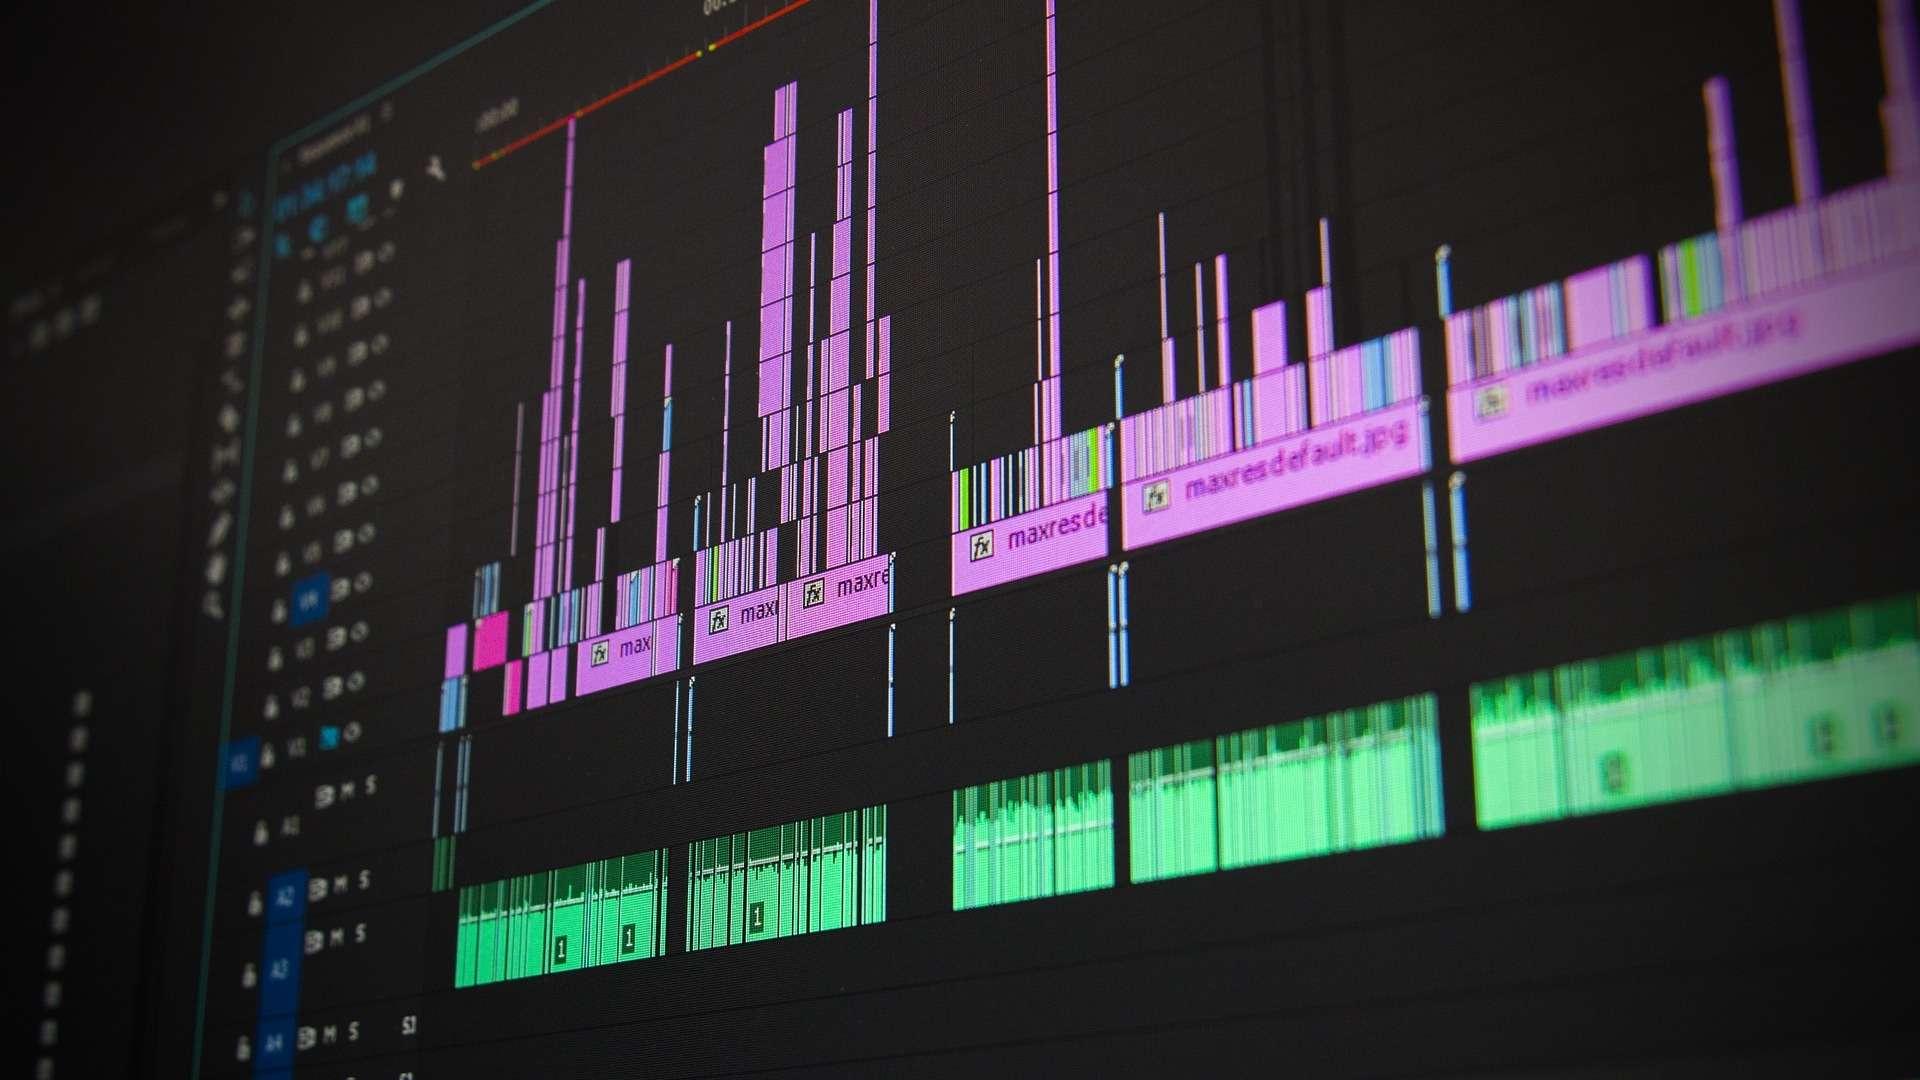 Seitlicher Ausschnitt aus einem Videoschnittprogramm-Projekt